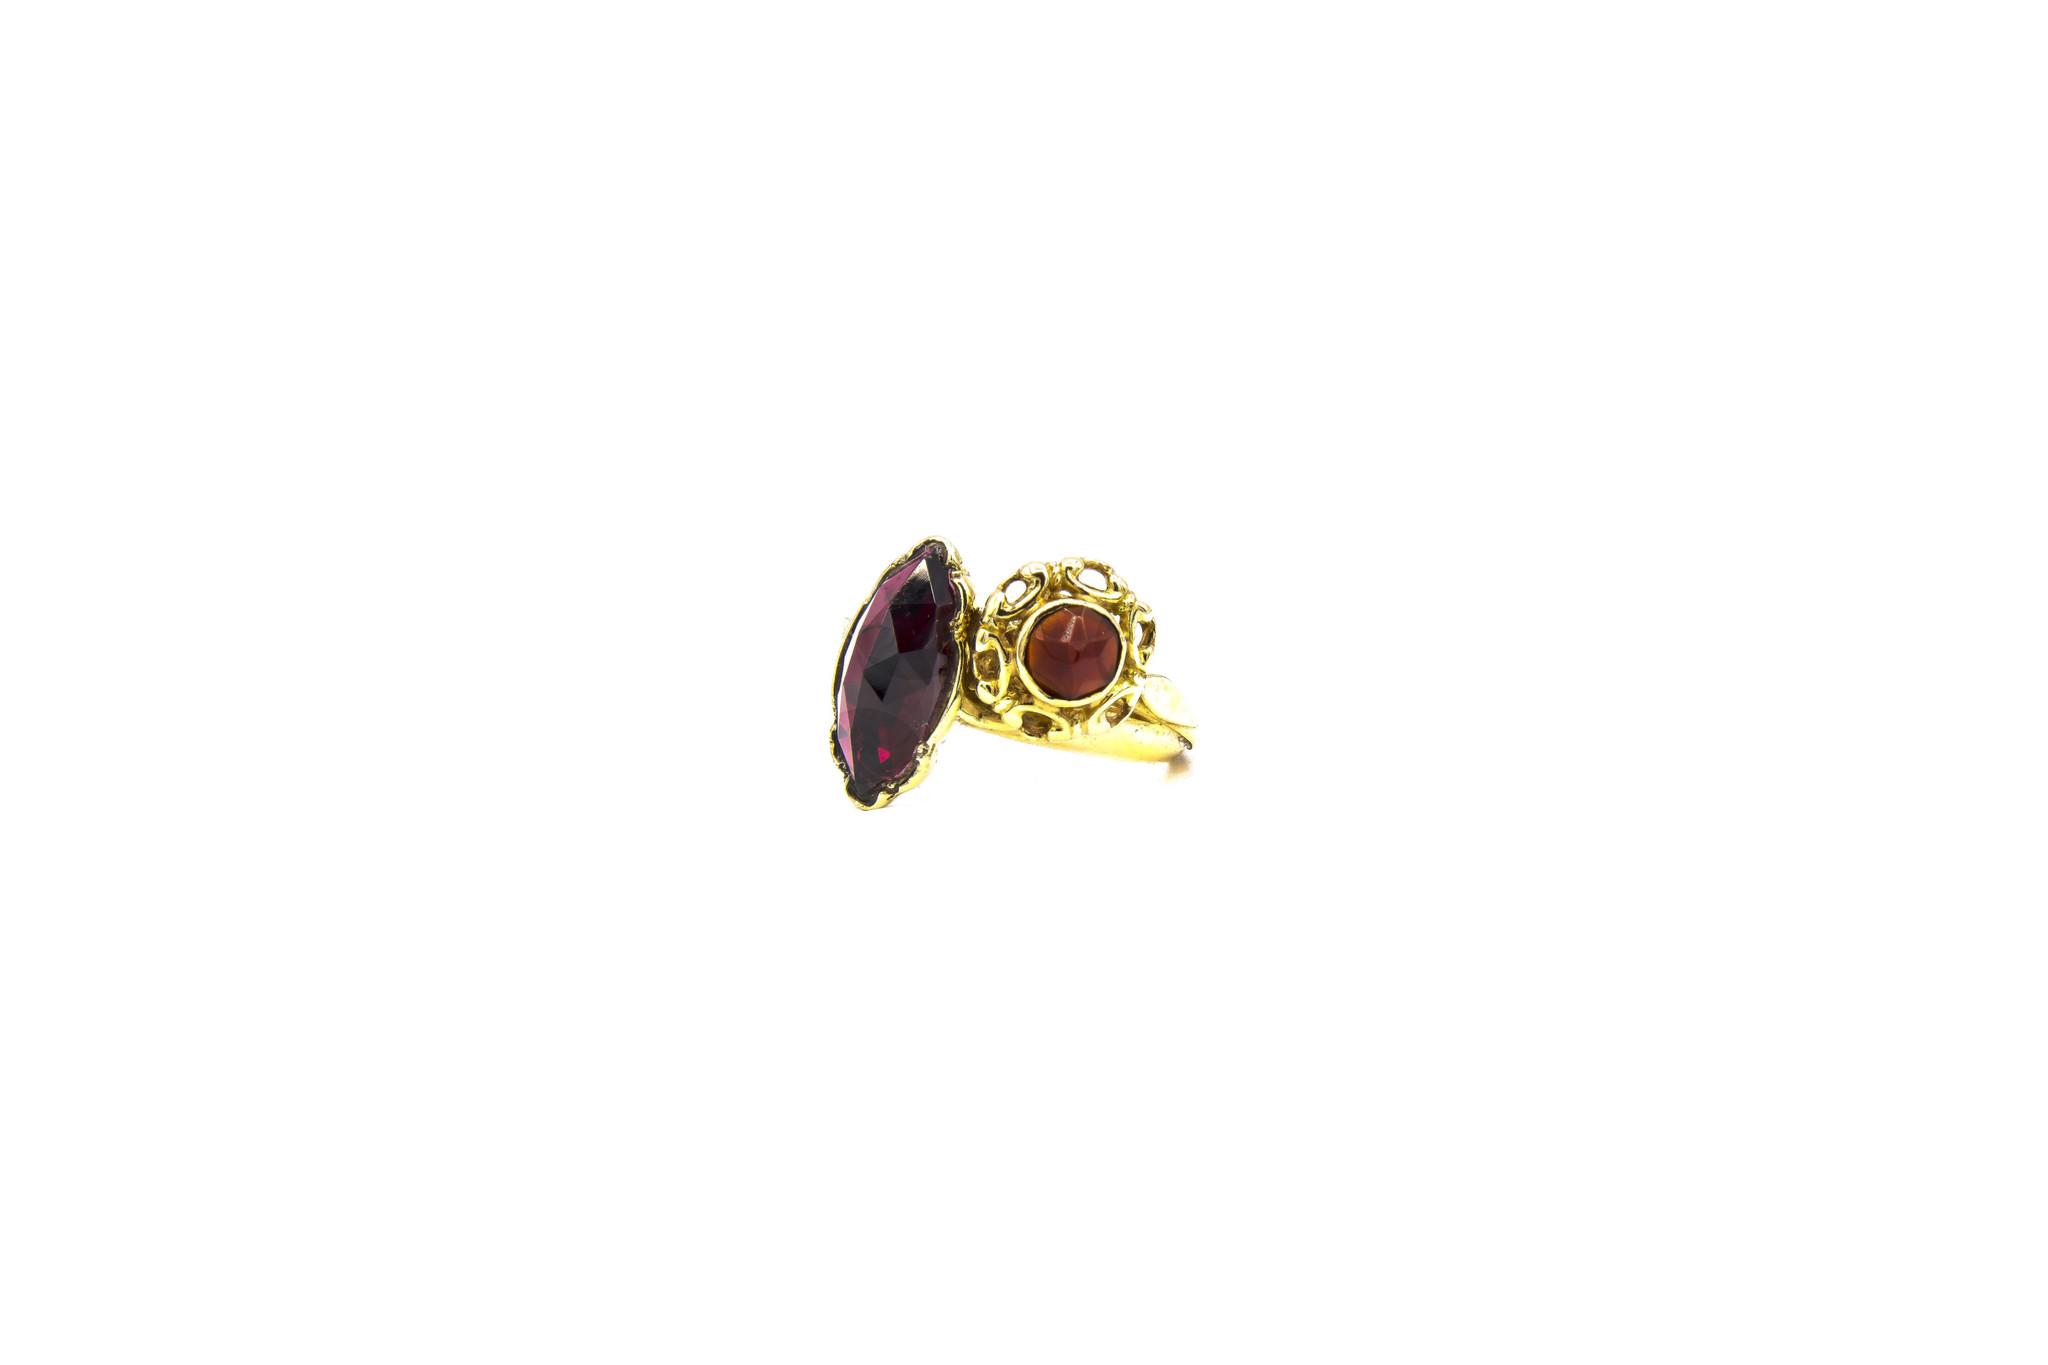 Ring samengesteld van 2 exemplaren met 2 donkerrode stenen-6